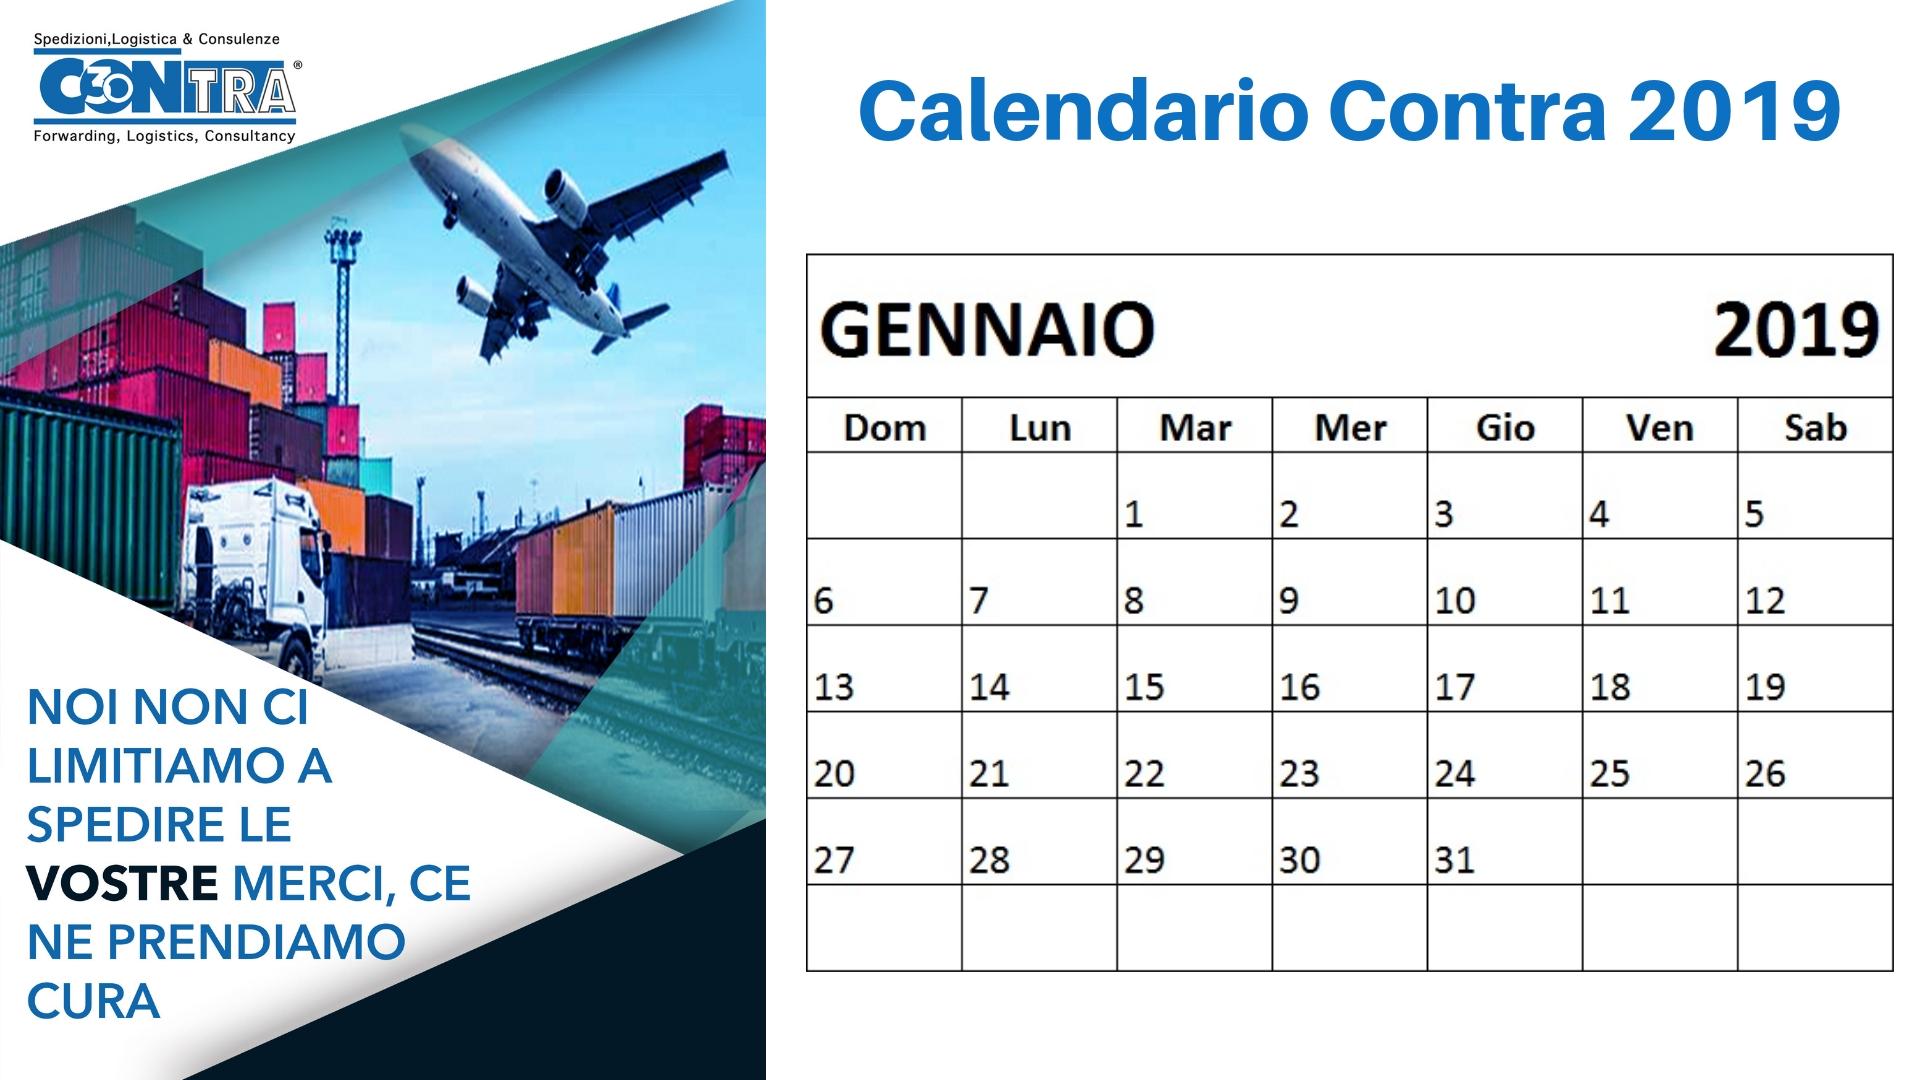 calendario_contra